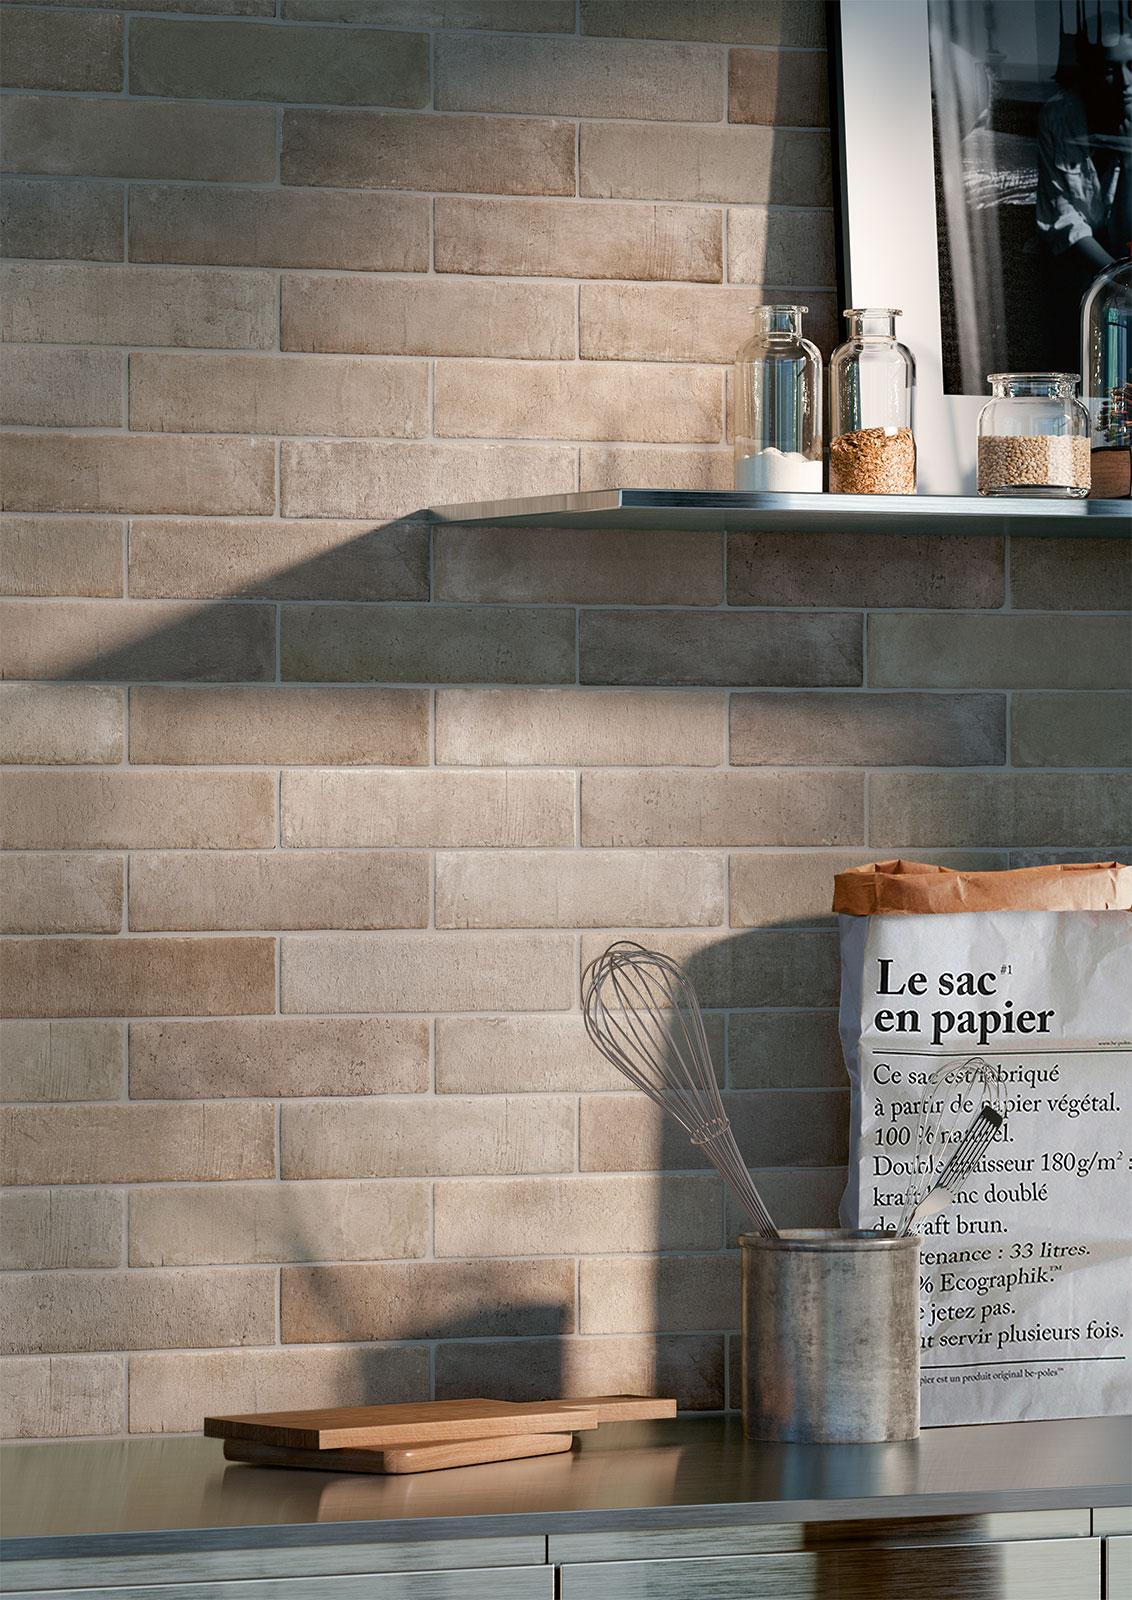 Ver Azulejos Para Cocina. La Baldosa Para La Cocina Rak With Ver ...